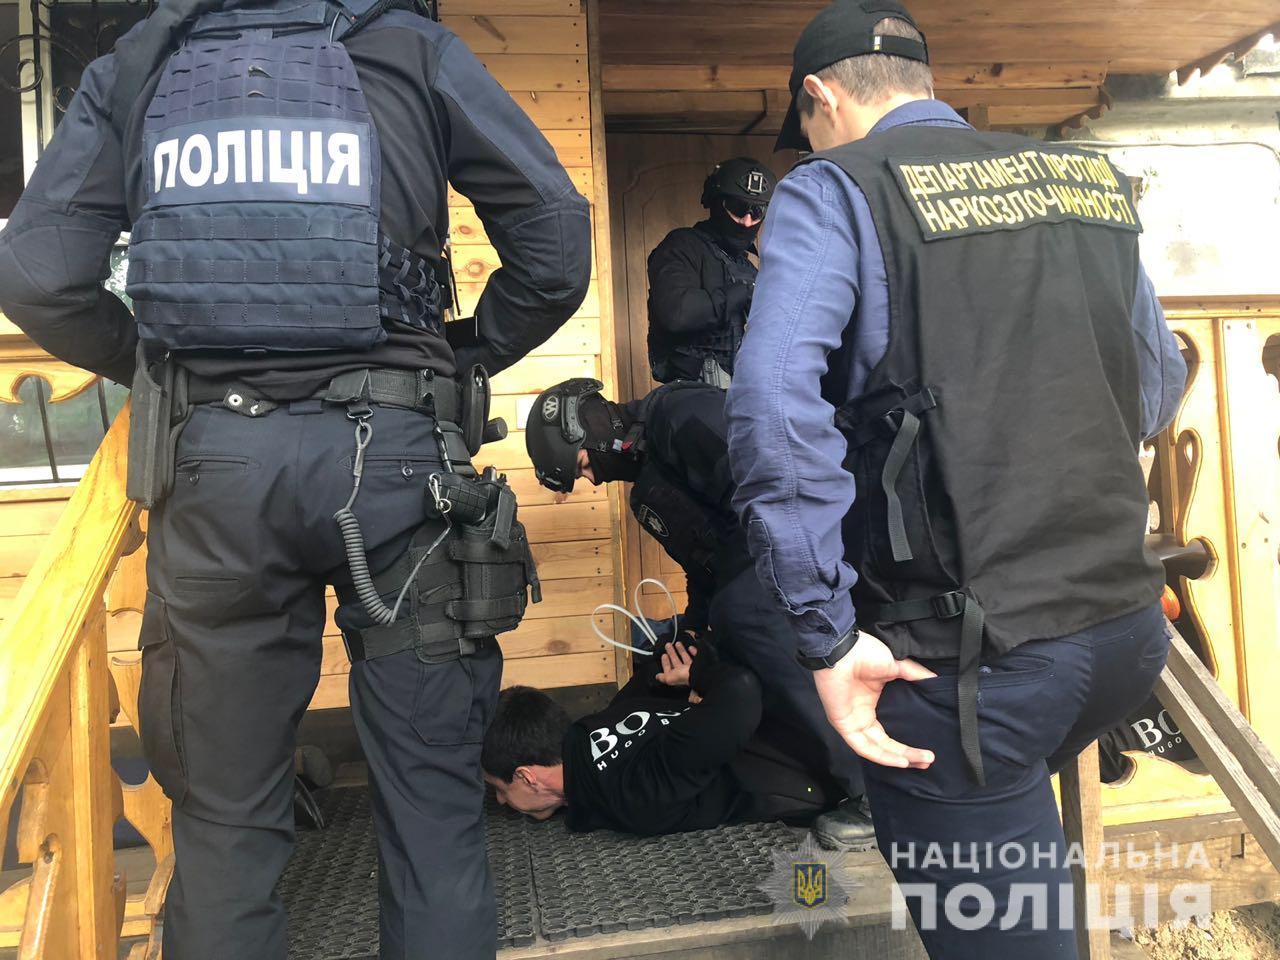 В Киевской области полиция изъяла коноплю на 8 млн гривен (фото, видео)